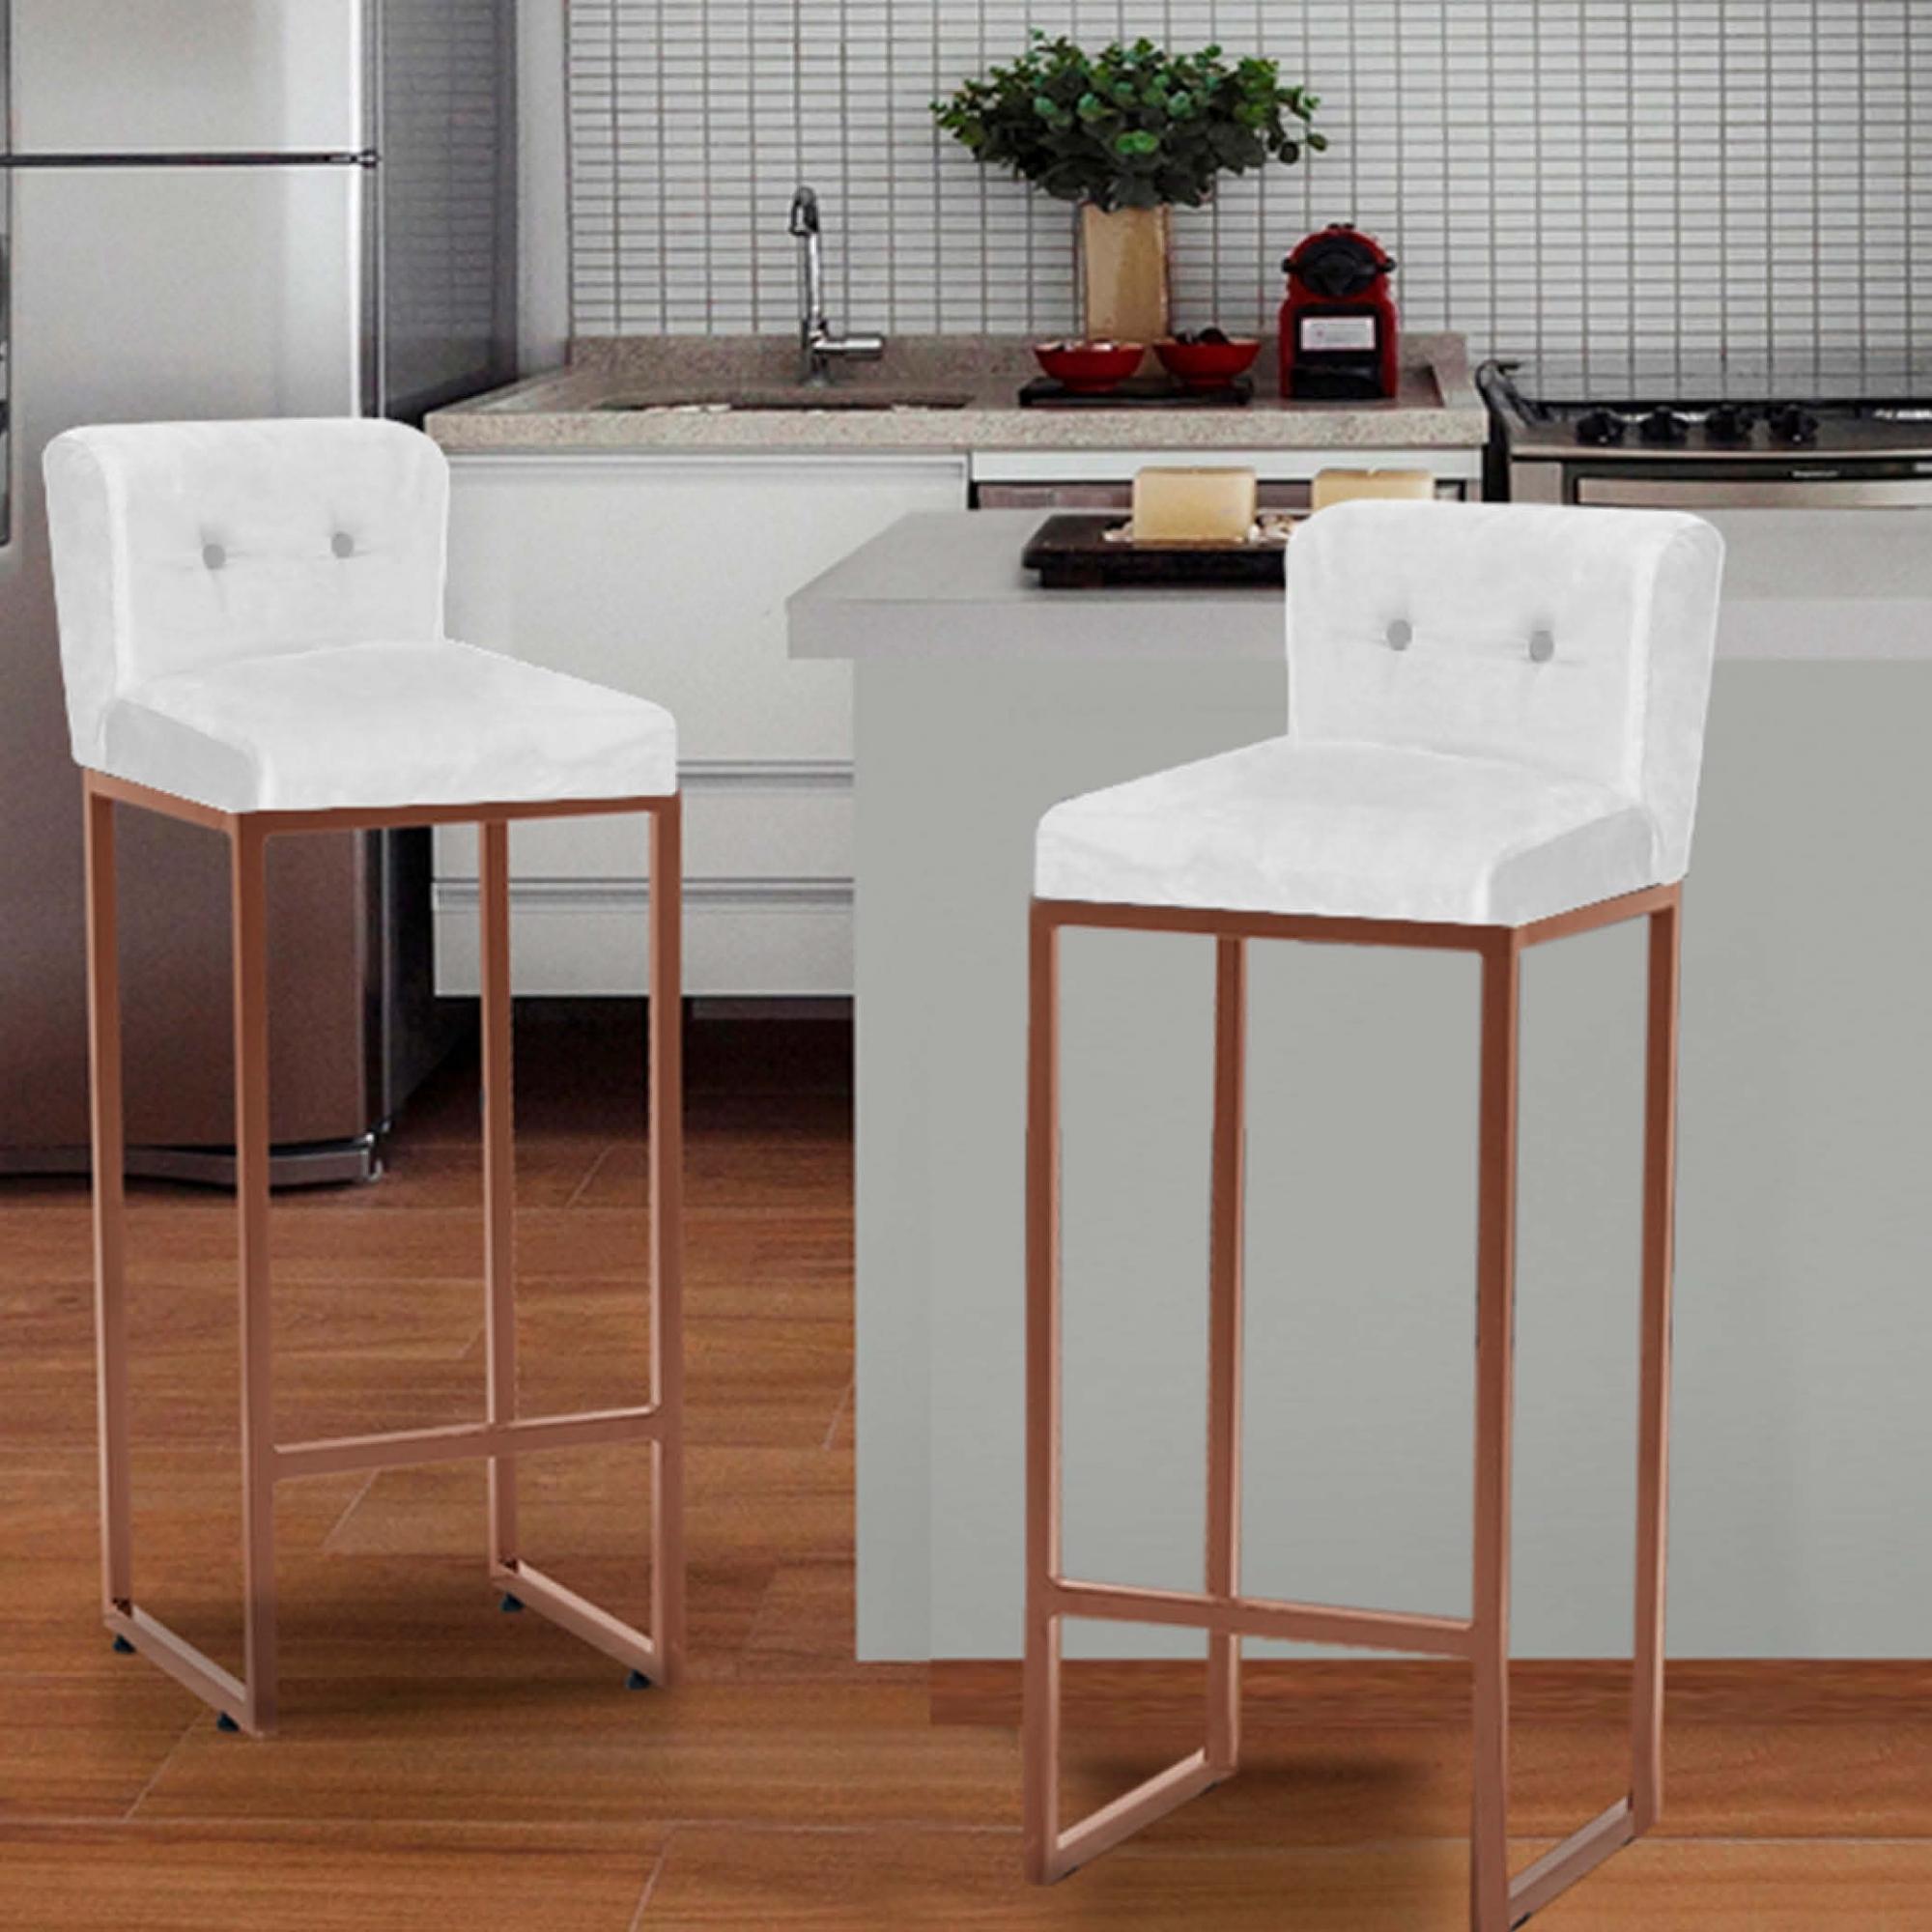 Kit 02 Banquetas Decorativa Alta Loues Tecido Sintético Branco Com Botão e Encosto Para Cozinha Bar Balcão Bistrô Pé de Ferro Bronze -Bela Casa Shop